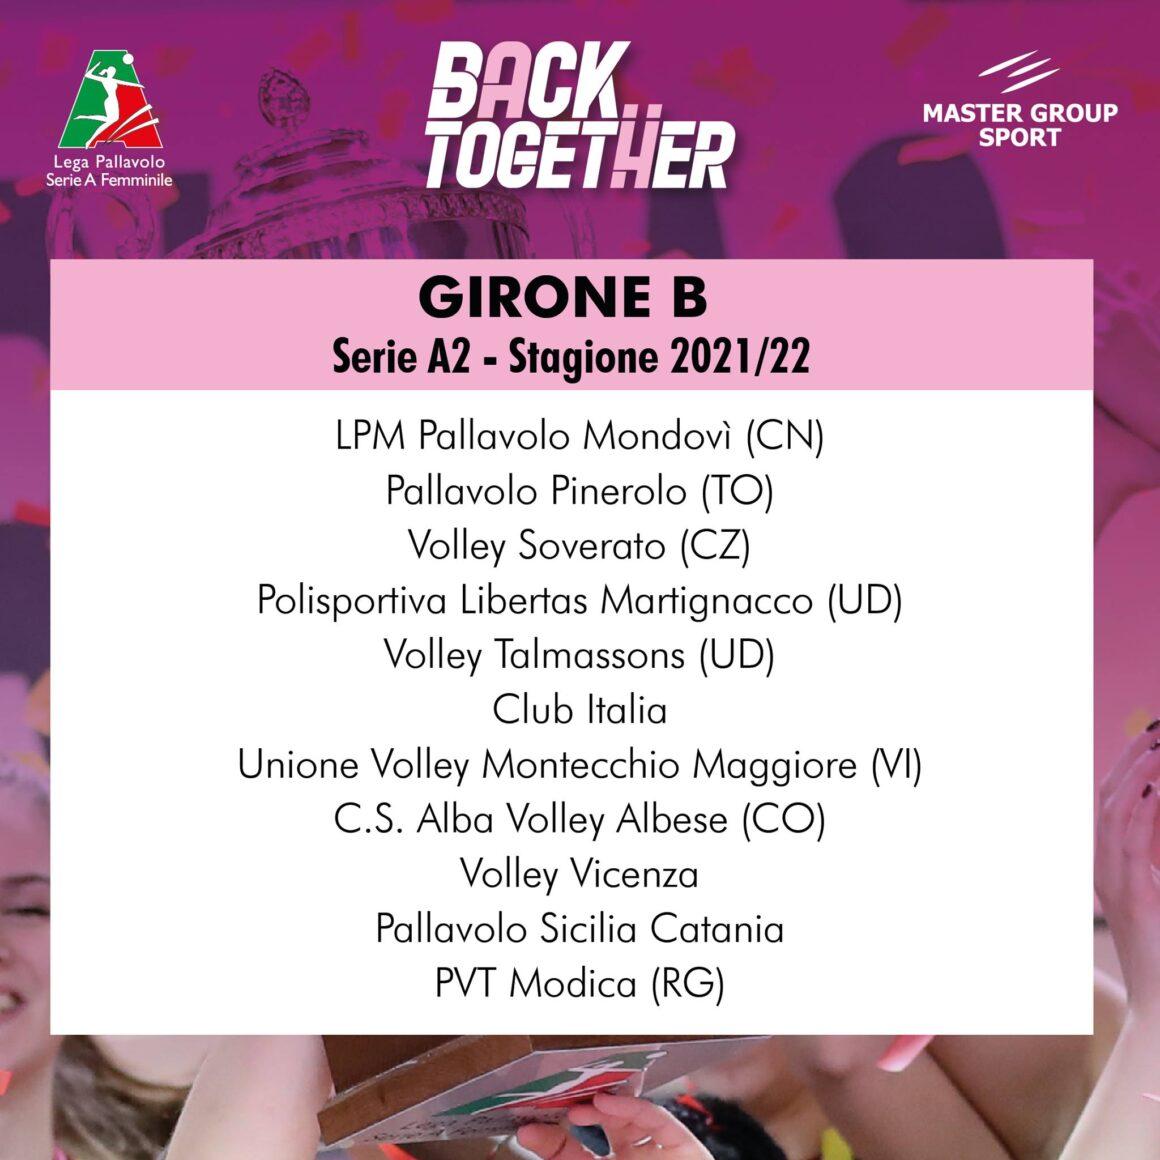 La Itas Ceccarelli Group è inserita nel girone B